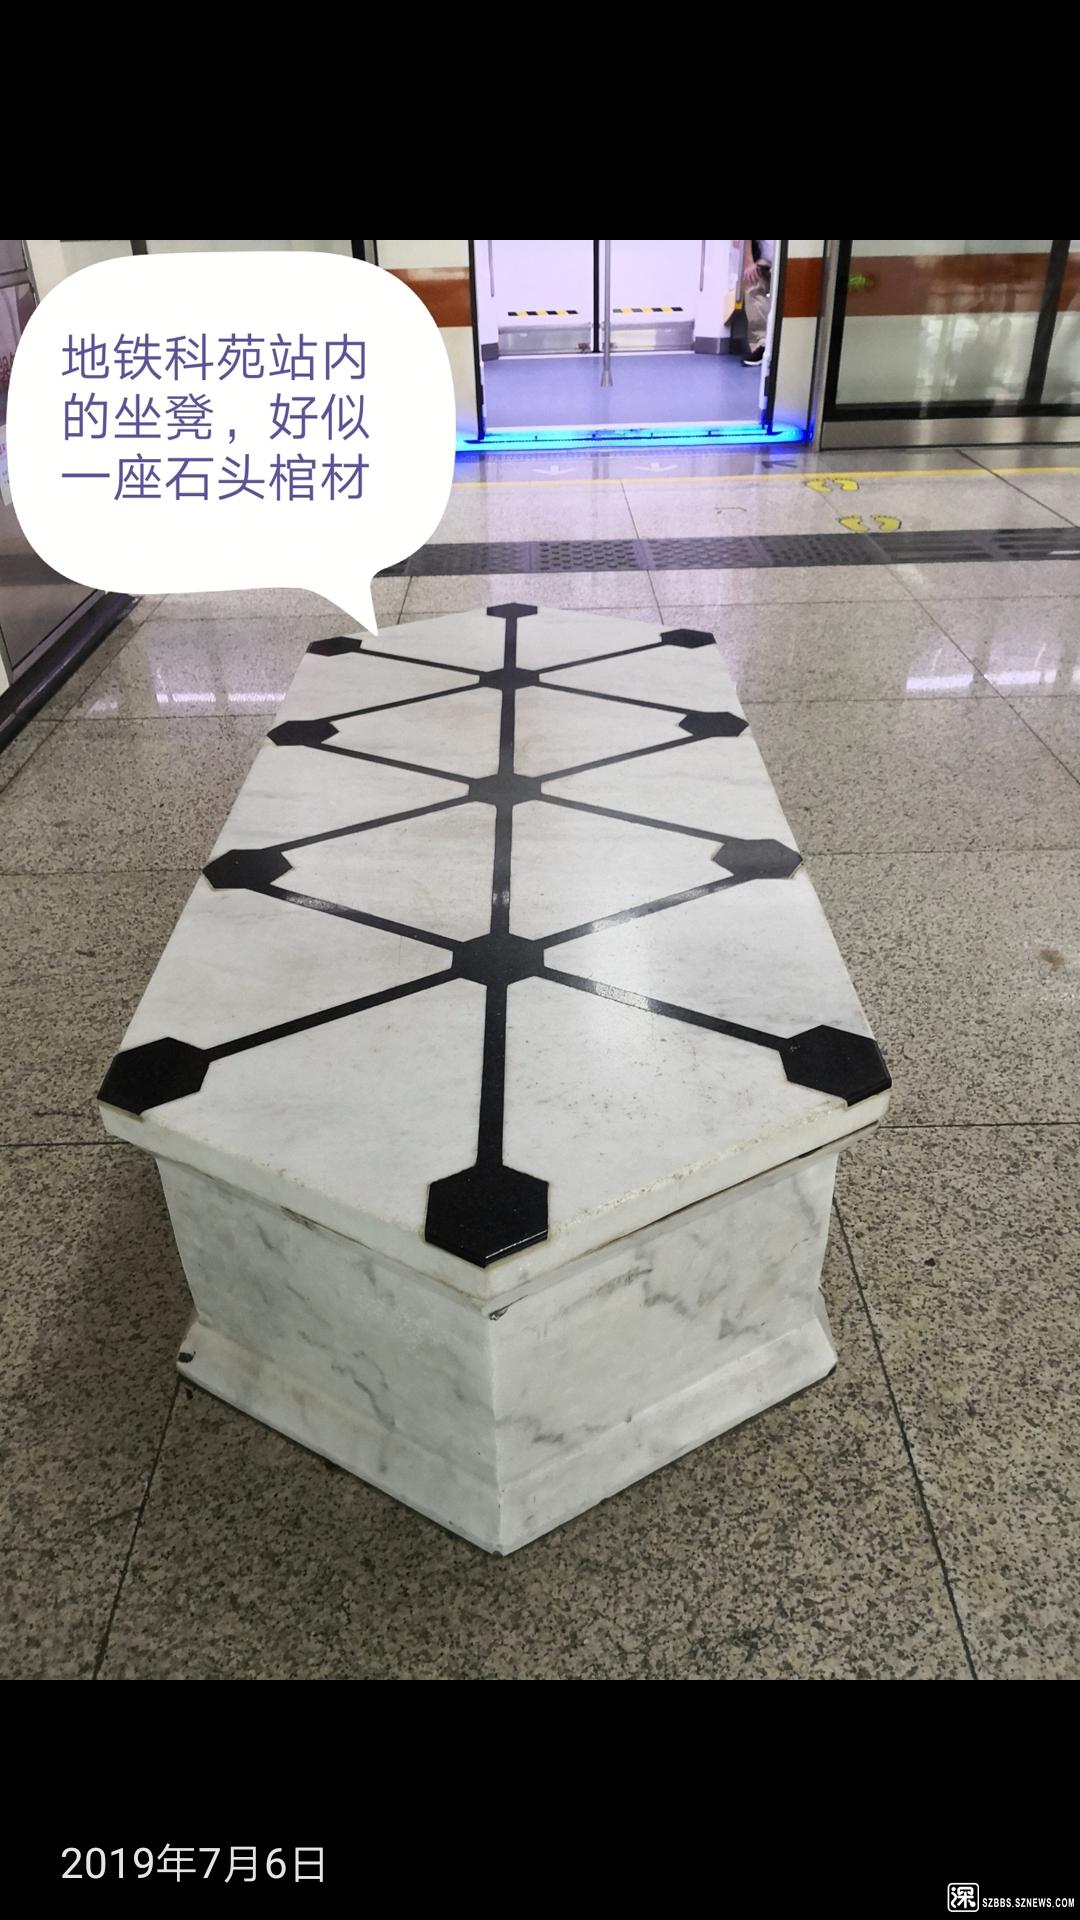 把一个普通的座椅做成既不中看,也不中用的棺材形状